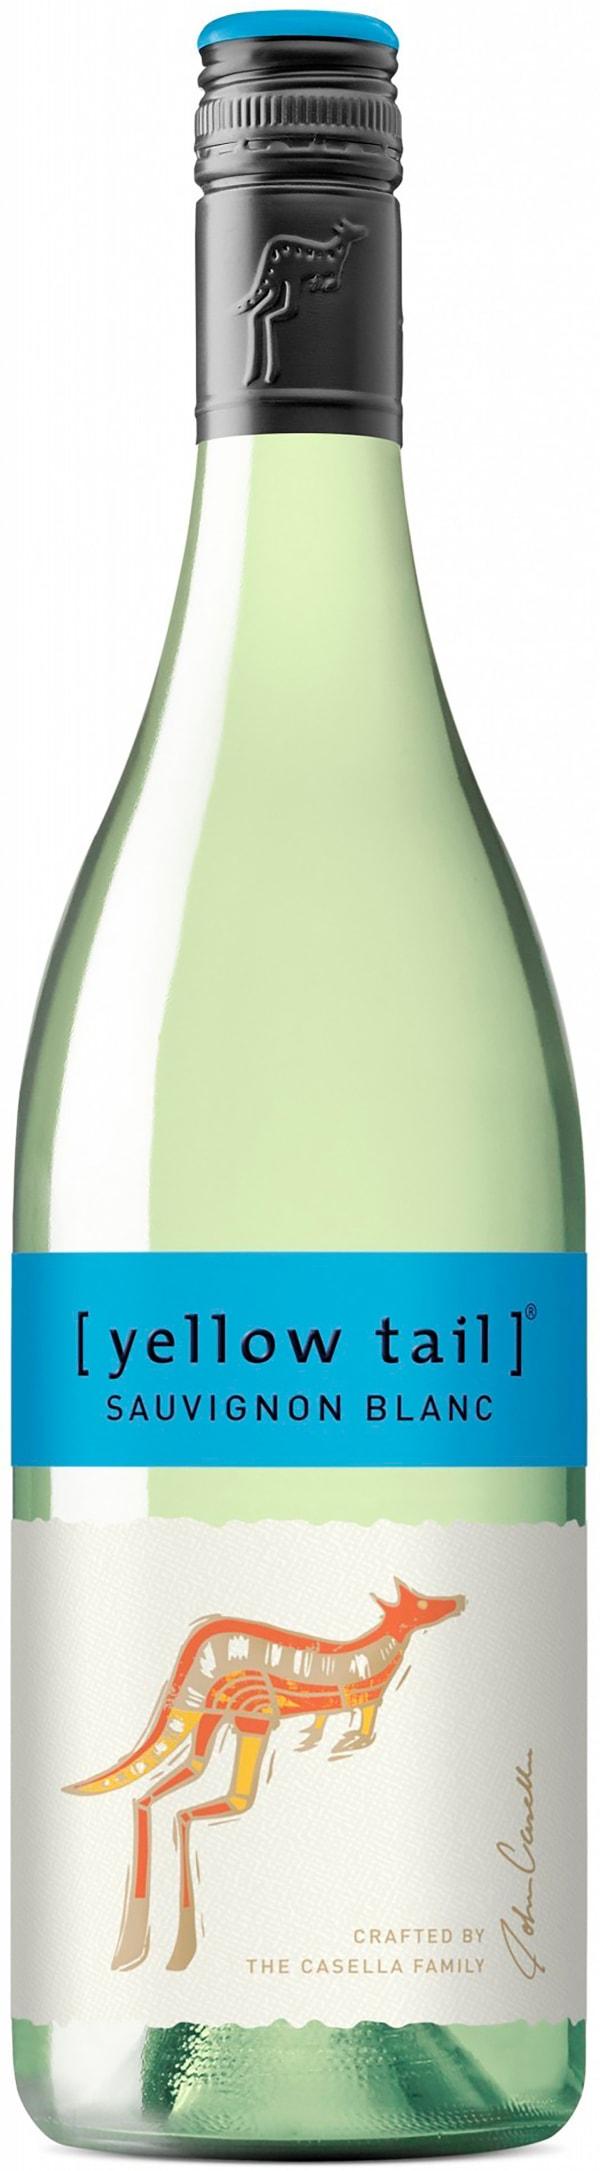 Yellow Tail Sauvignon Blanc 2019